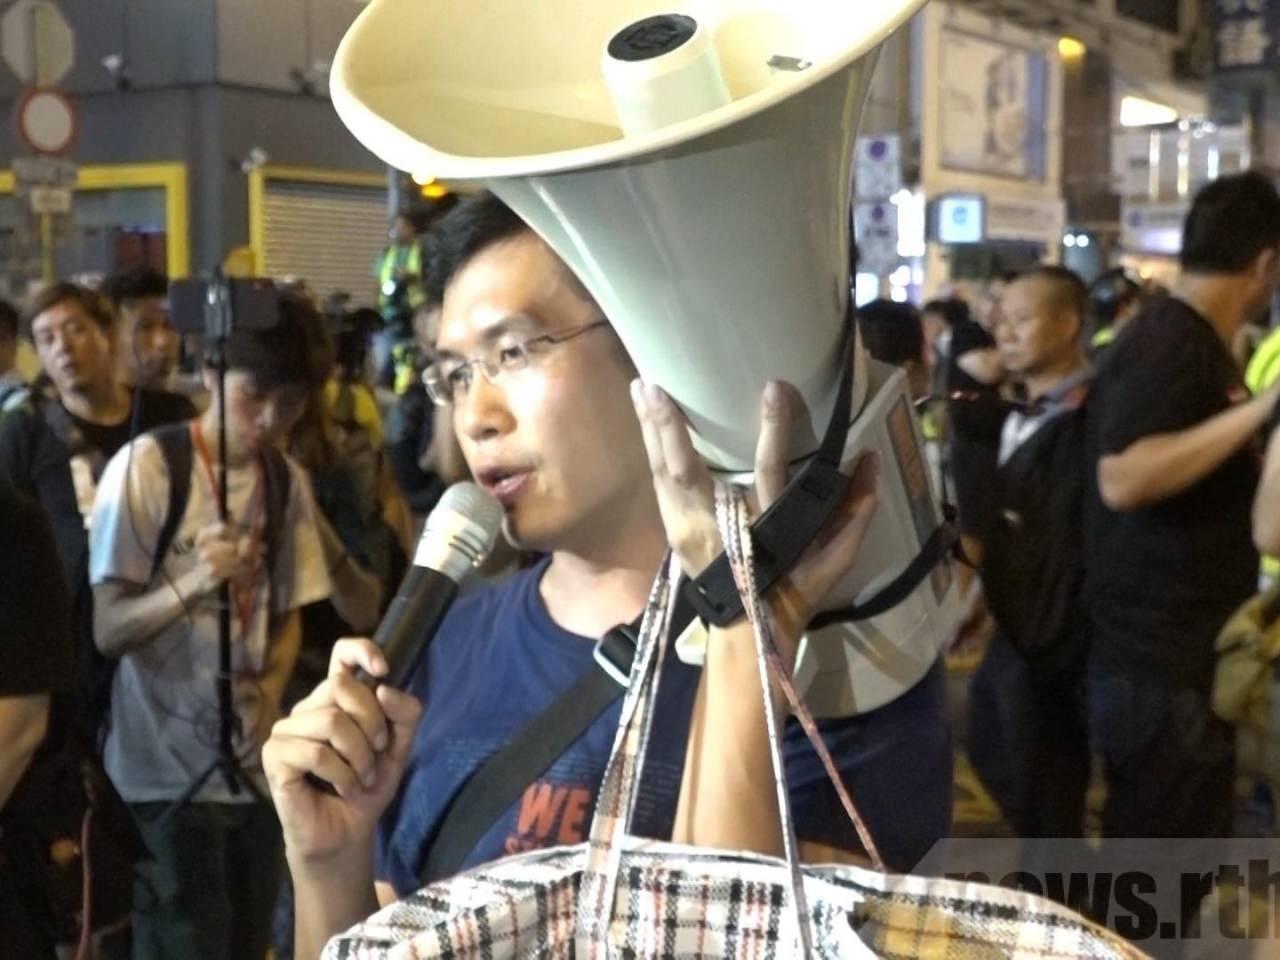 Au Nok-hin condenado à prisão por assaltos a alto-falantes